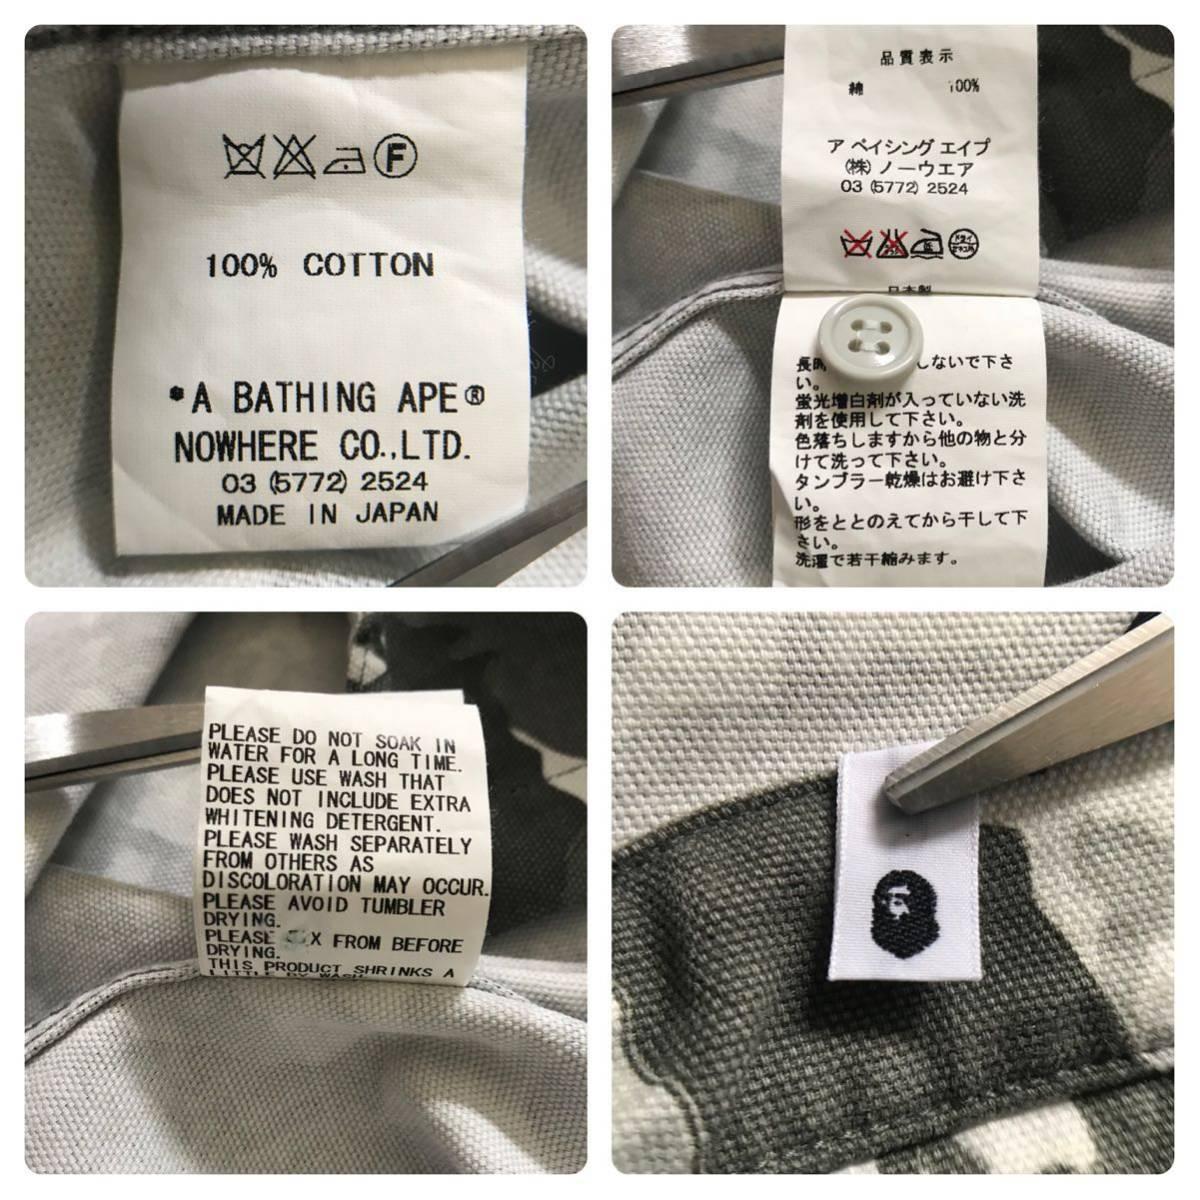 ★レア★ kaws ワークシャツ Mサイズ a bathing ape bape カウズ エイプ ベイプ アベイシングエイプ original fake futura stash 初期 nigo